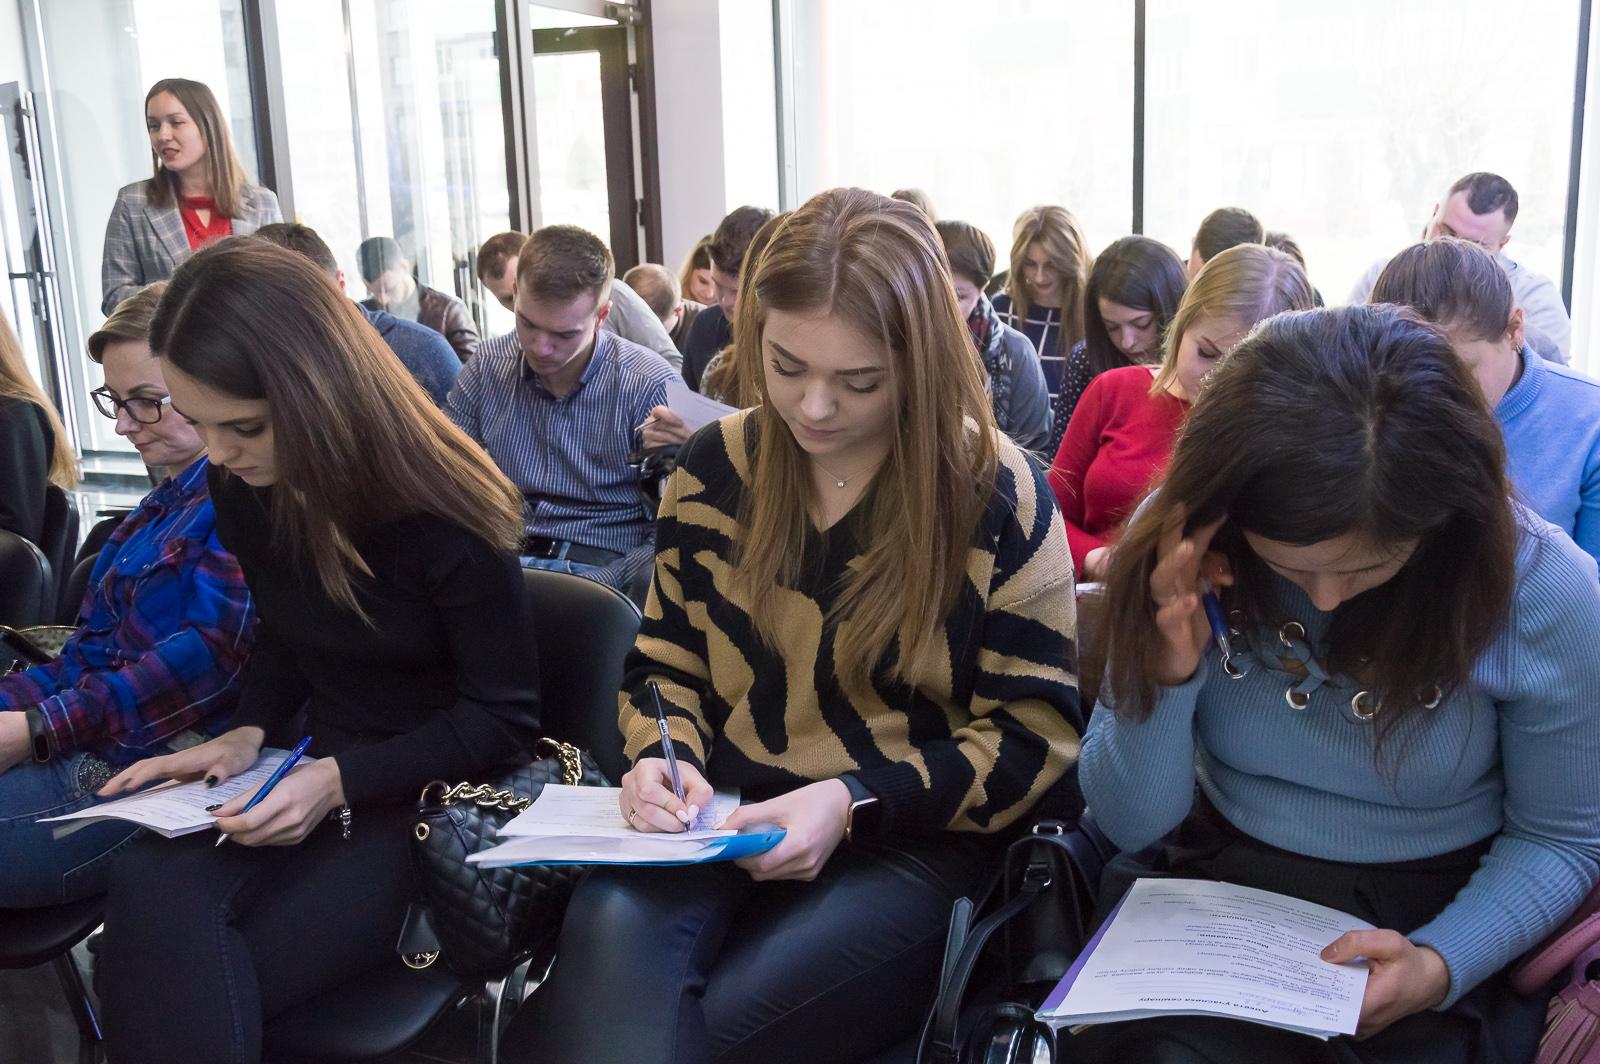 """Лекцию """"Финансовые рынки и основы биржевых технологий"""" в Черновцах посетили студенты и преподаватели МАУП - 14 фото"""